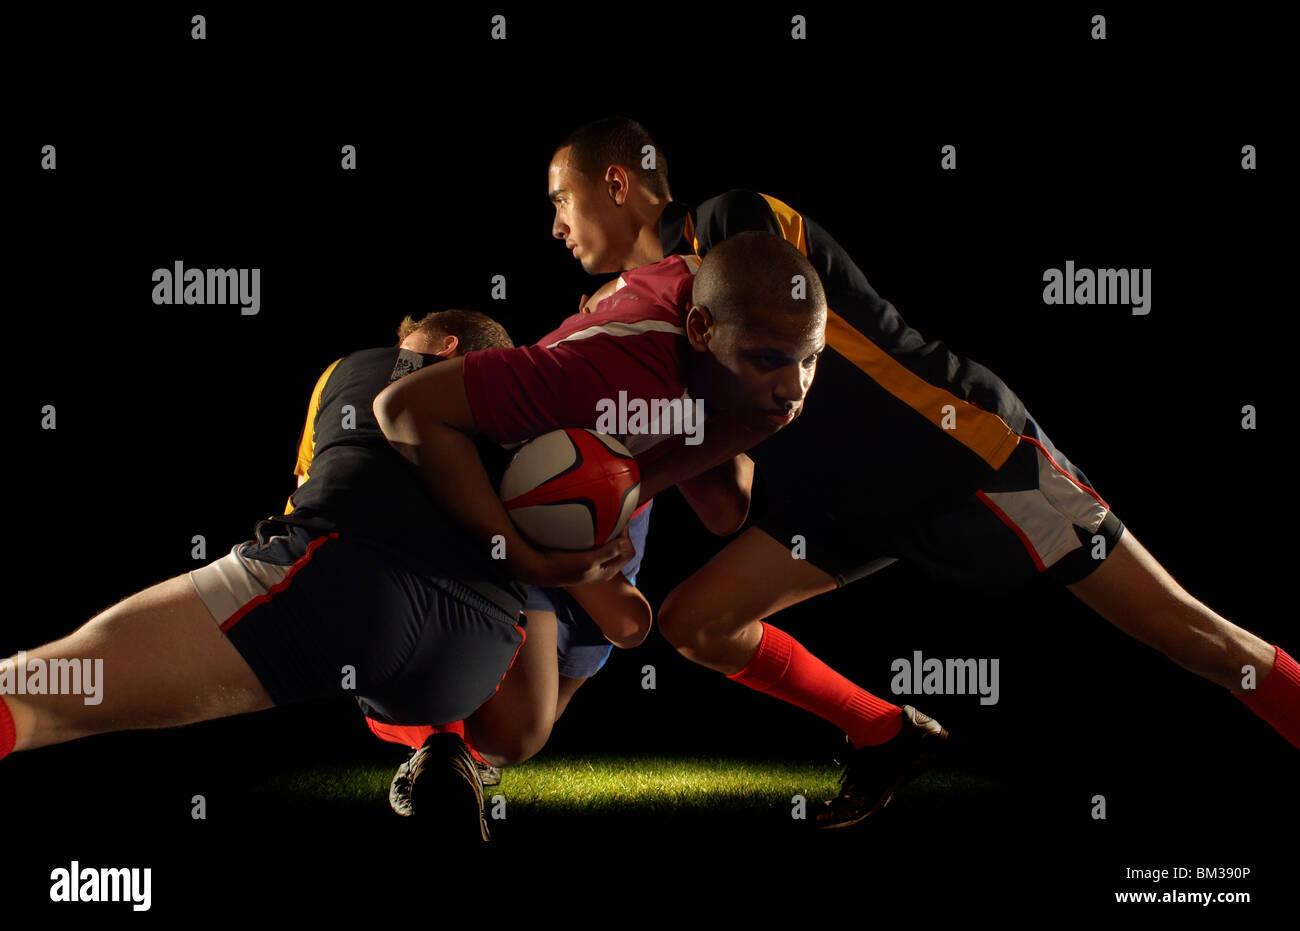 Jugador de rugby abordados por dos oponentes Imagen De Stock